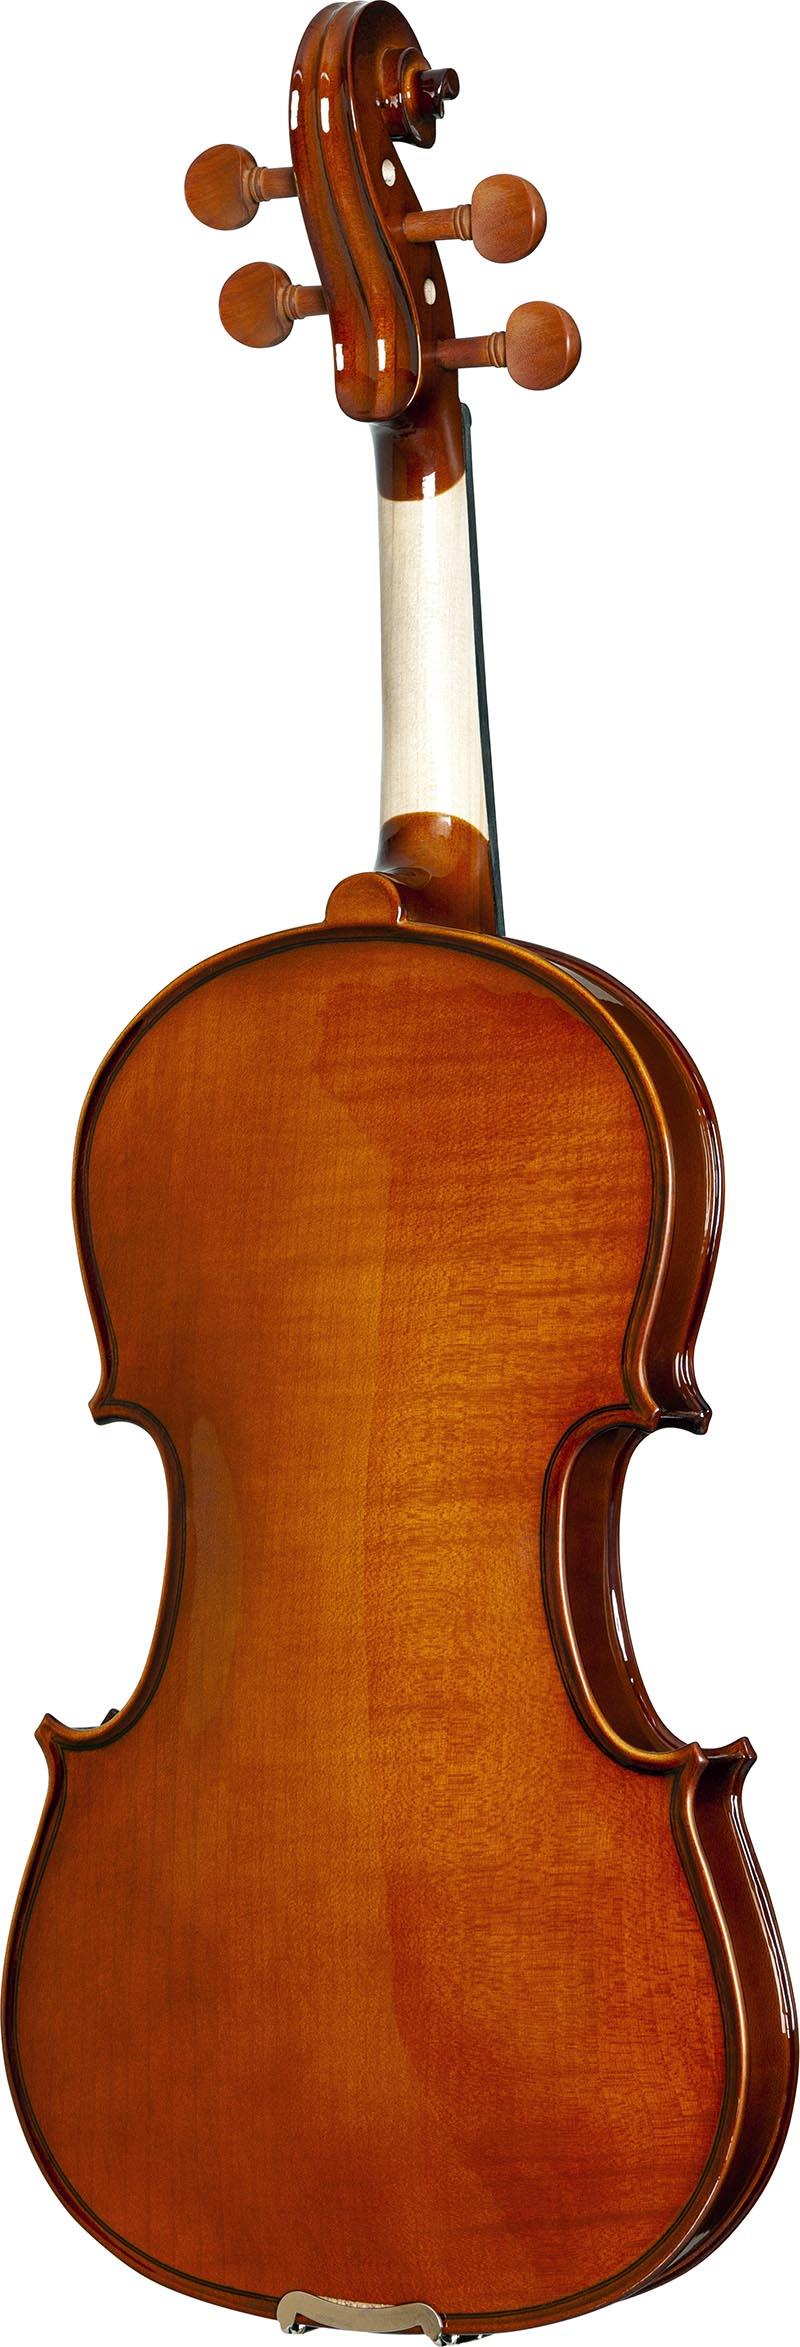 ve441 violino eagle ve441 visao posterior vertical